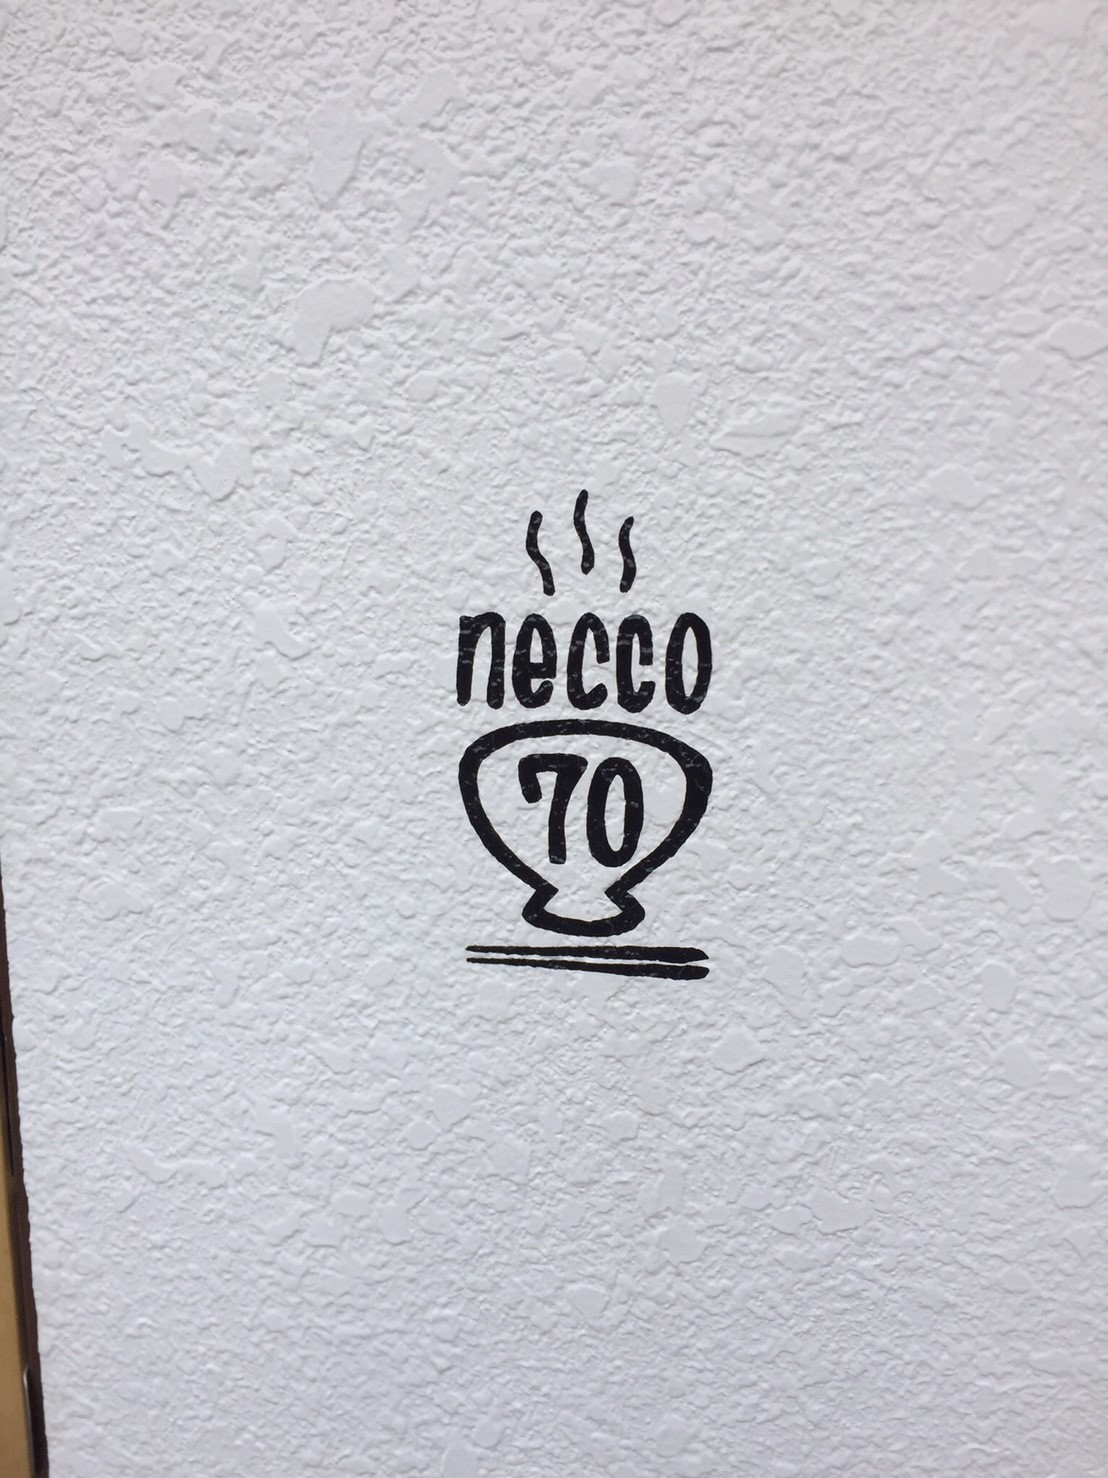 necco70_e0115904_02042494.jpg